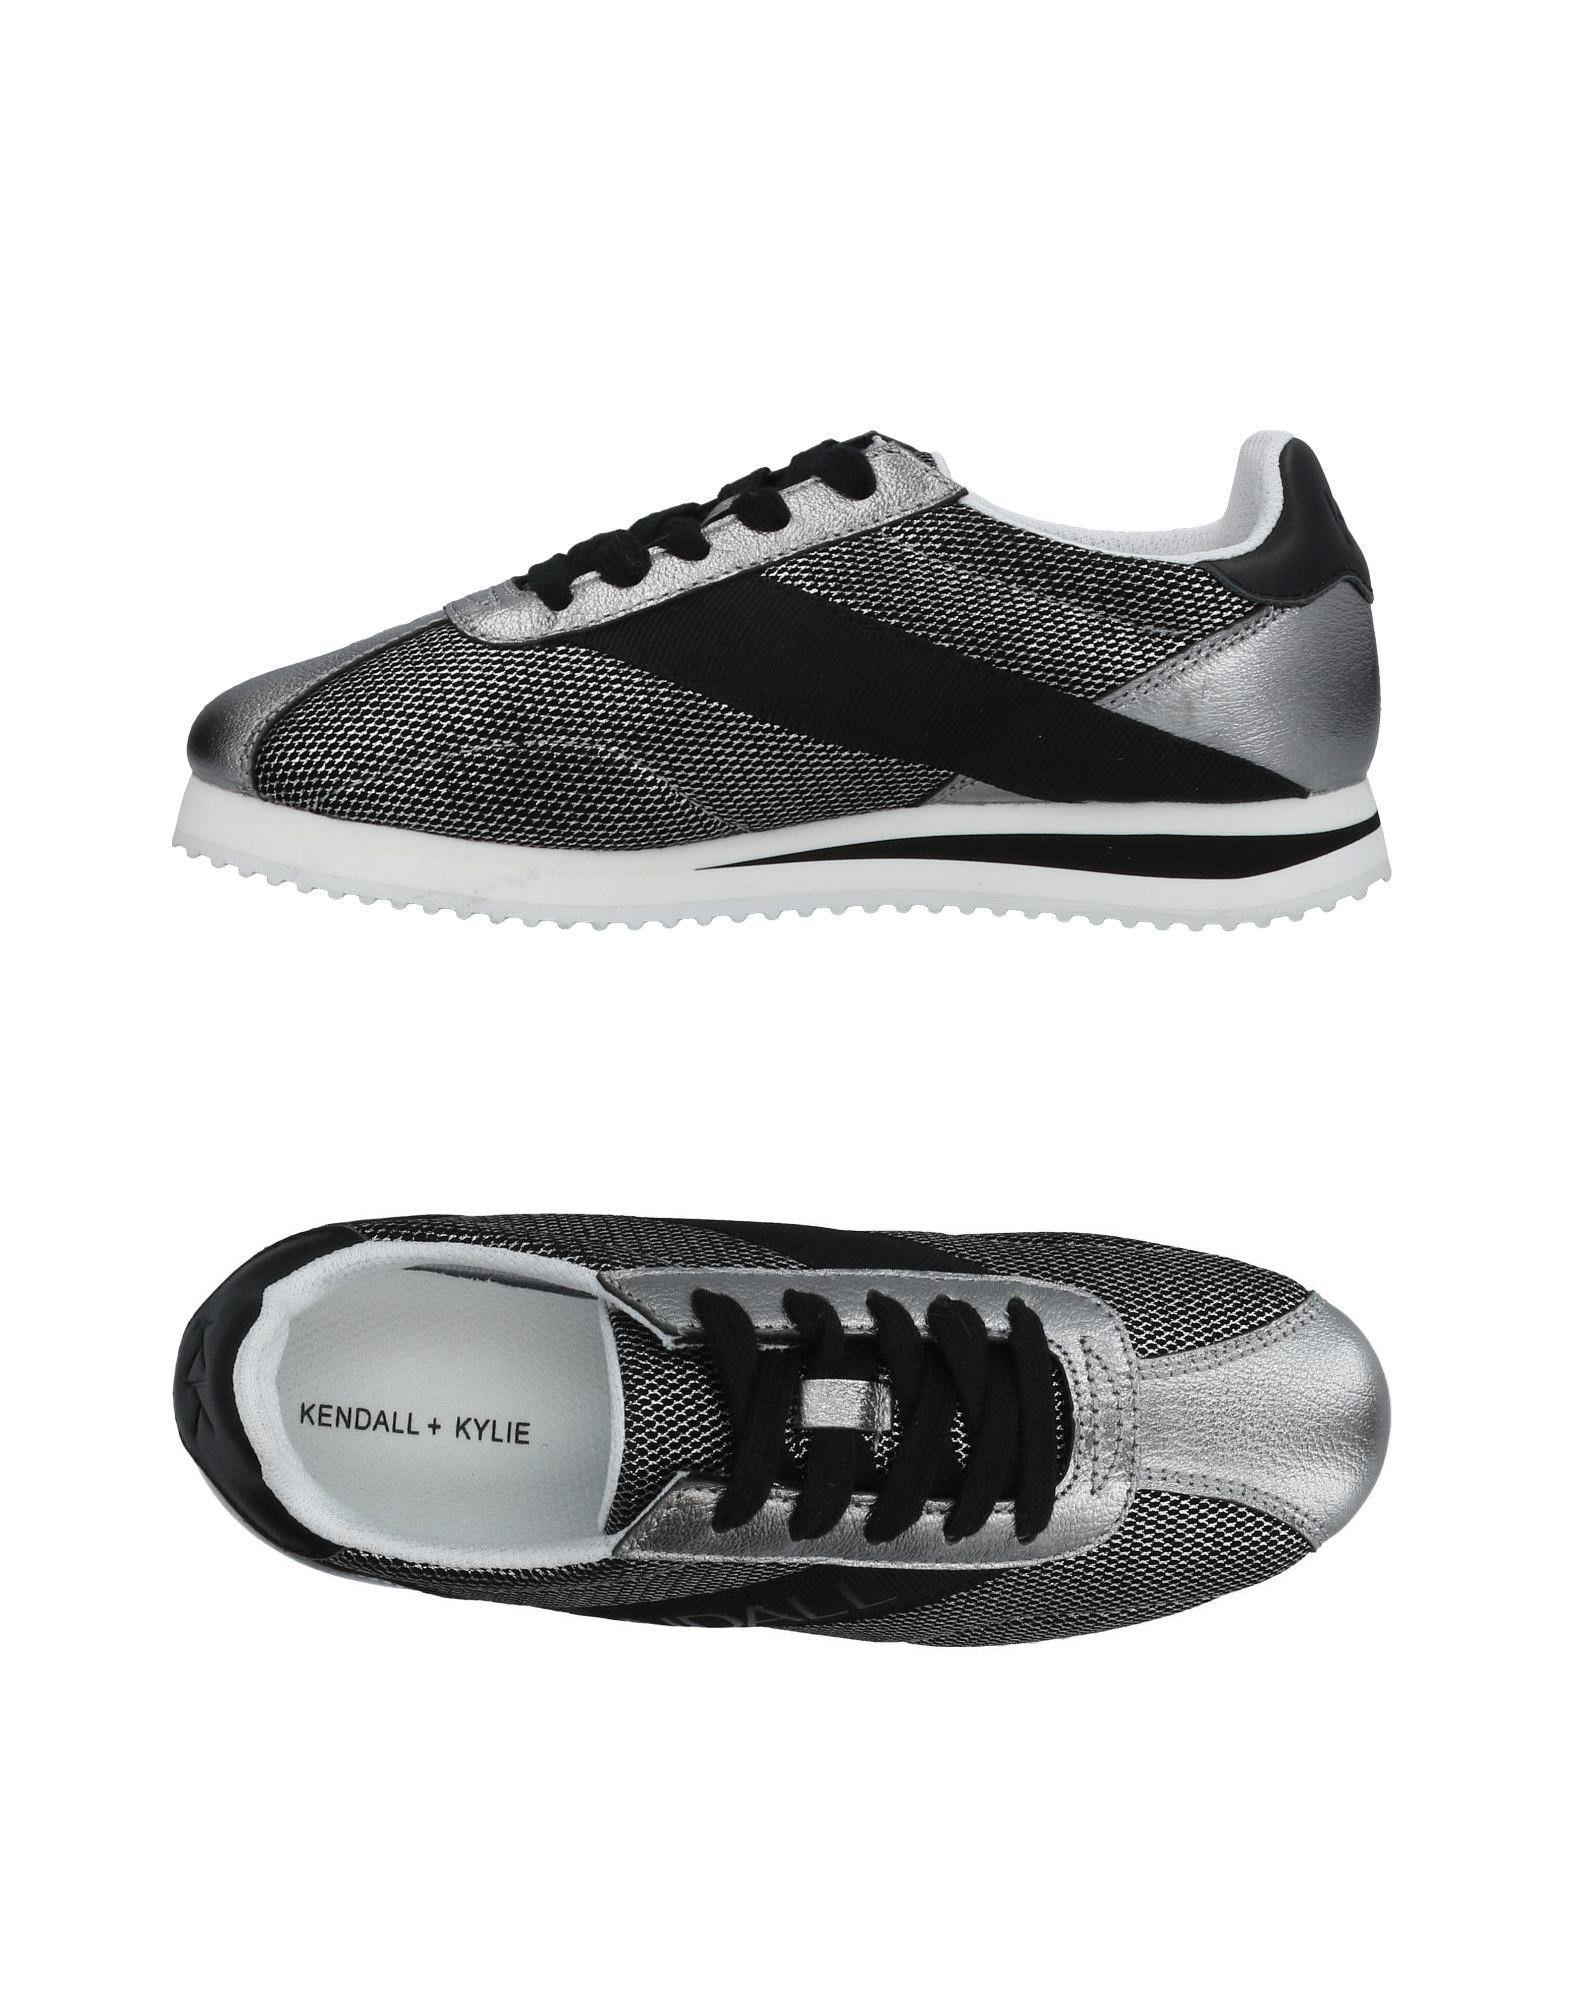 FOOTWEAR - Low-tops & sneakers Kendall + Kylie lYrwCC